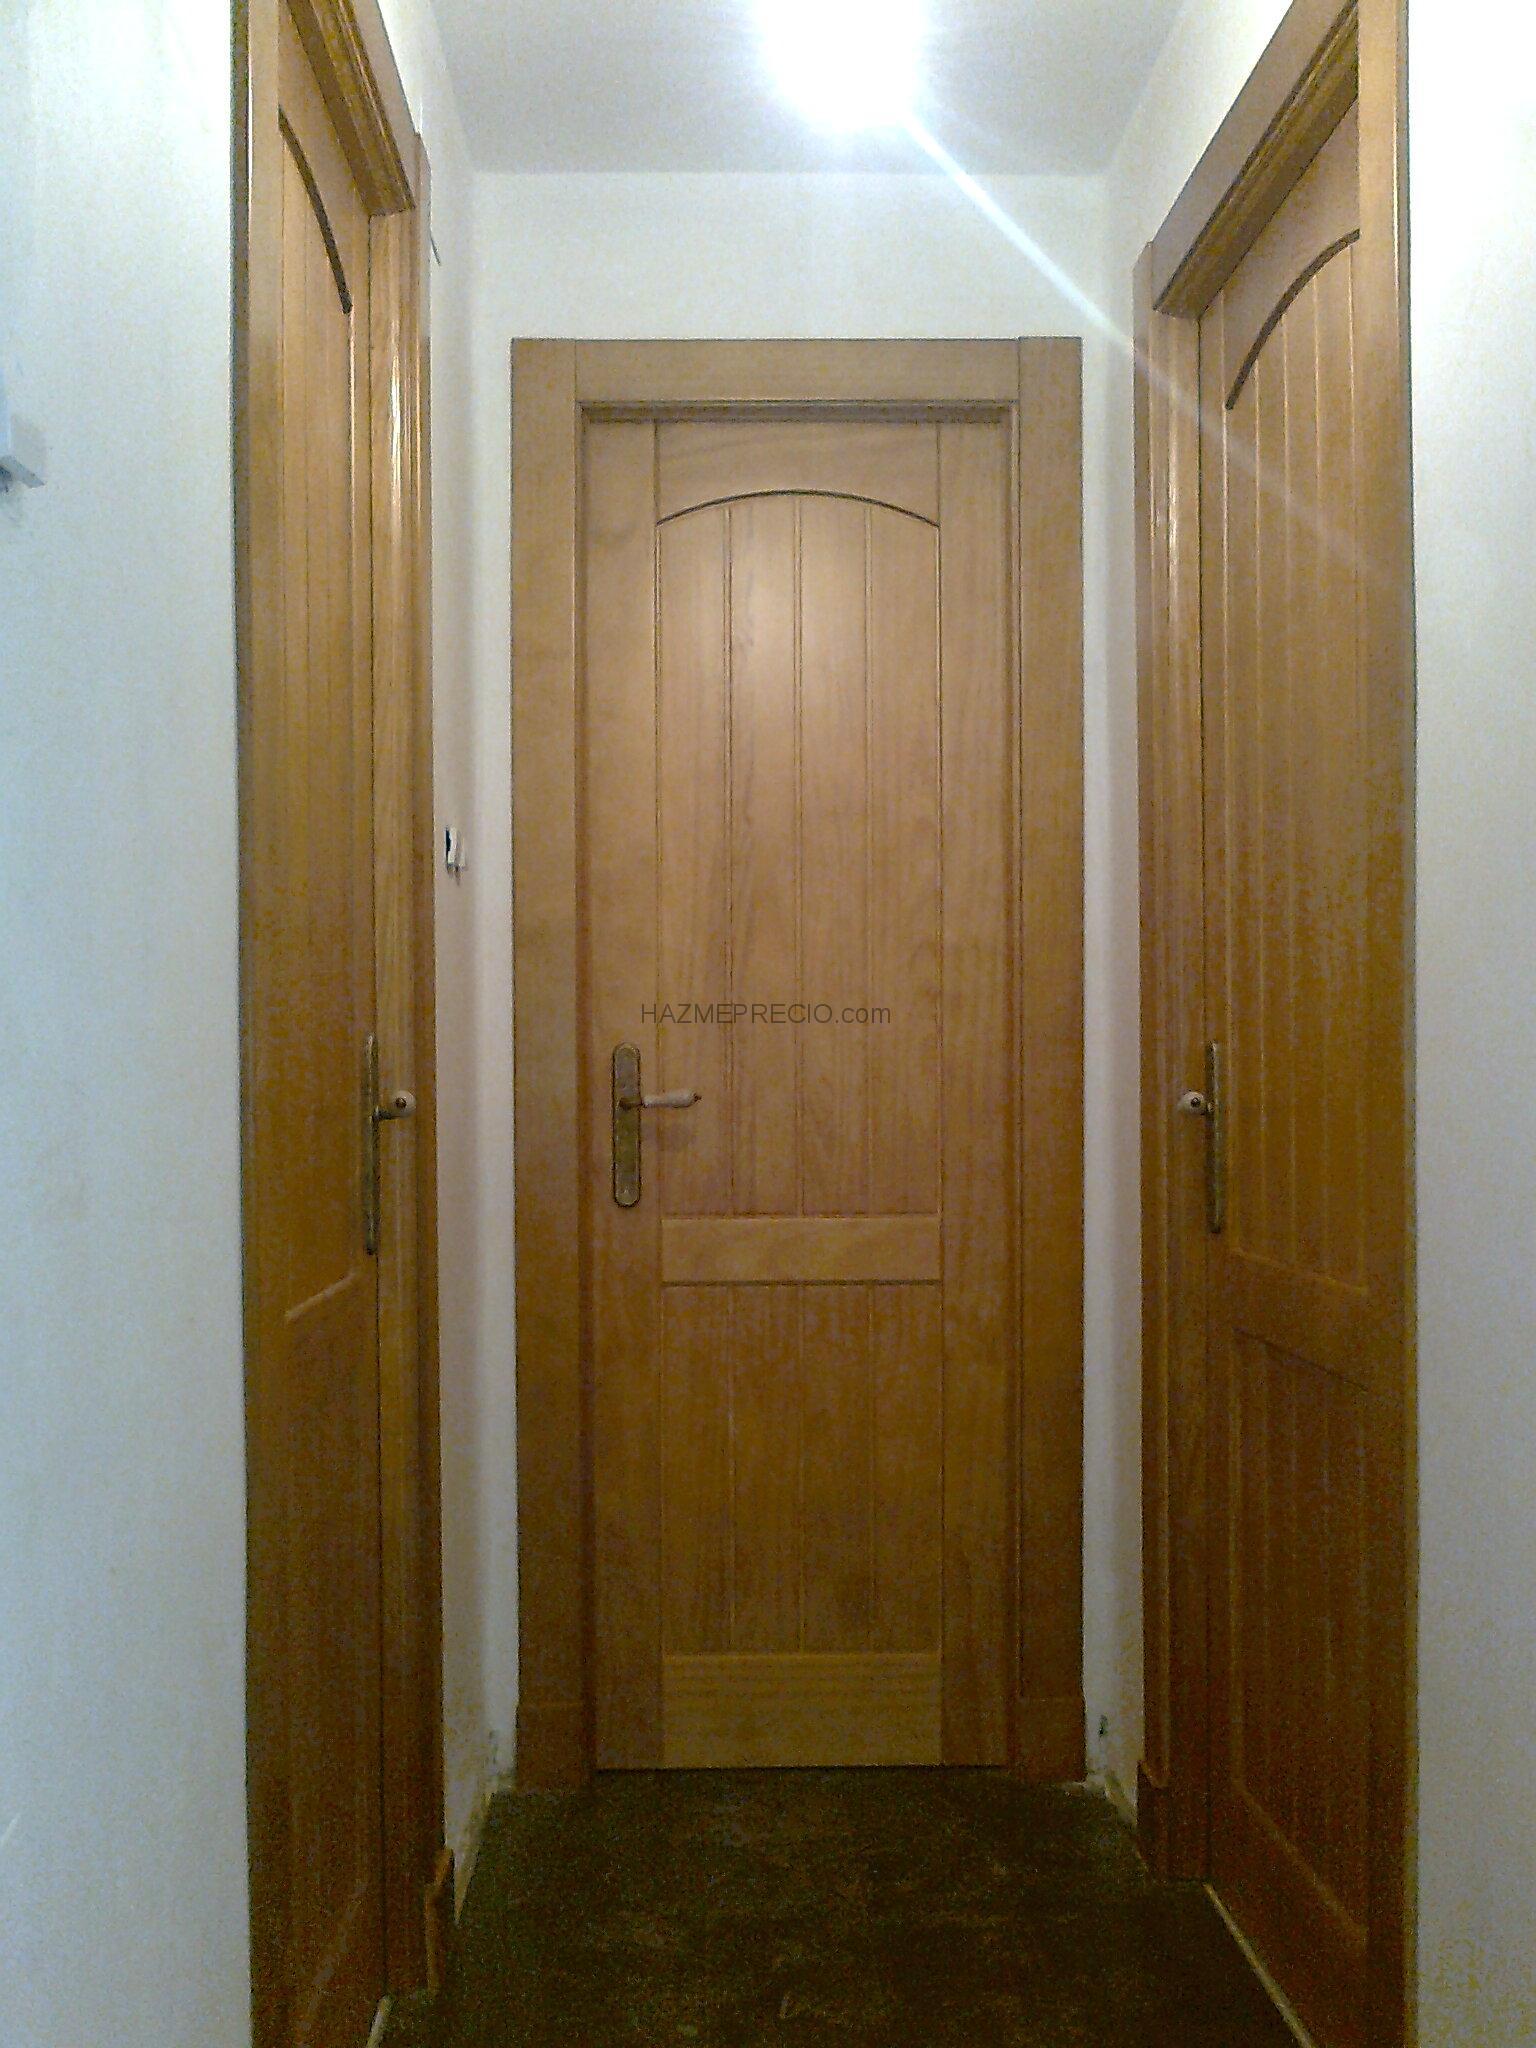 Empresas de puertas en asturias - Puertas interior asturias ...